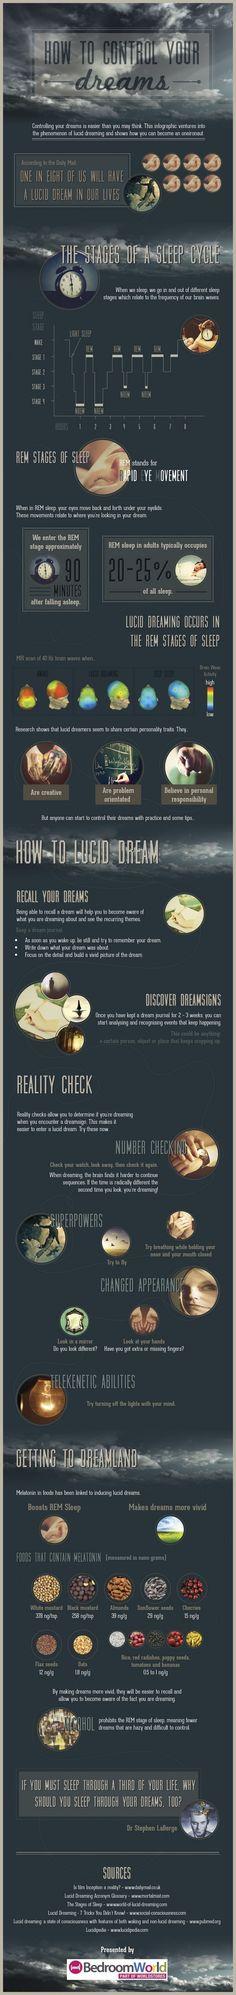 Cómo controlar tus sueños #infografia #infographic #health